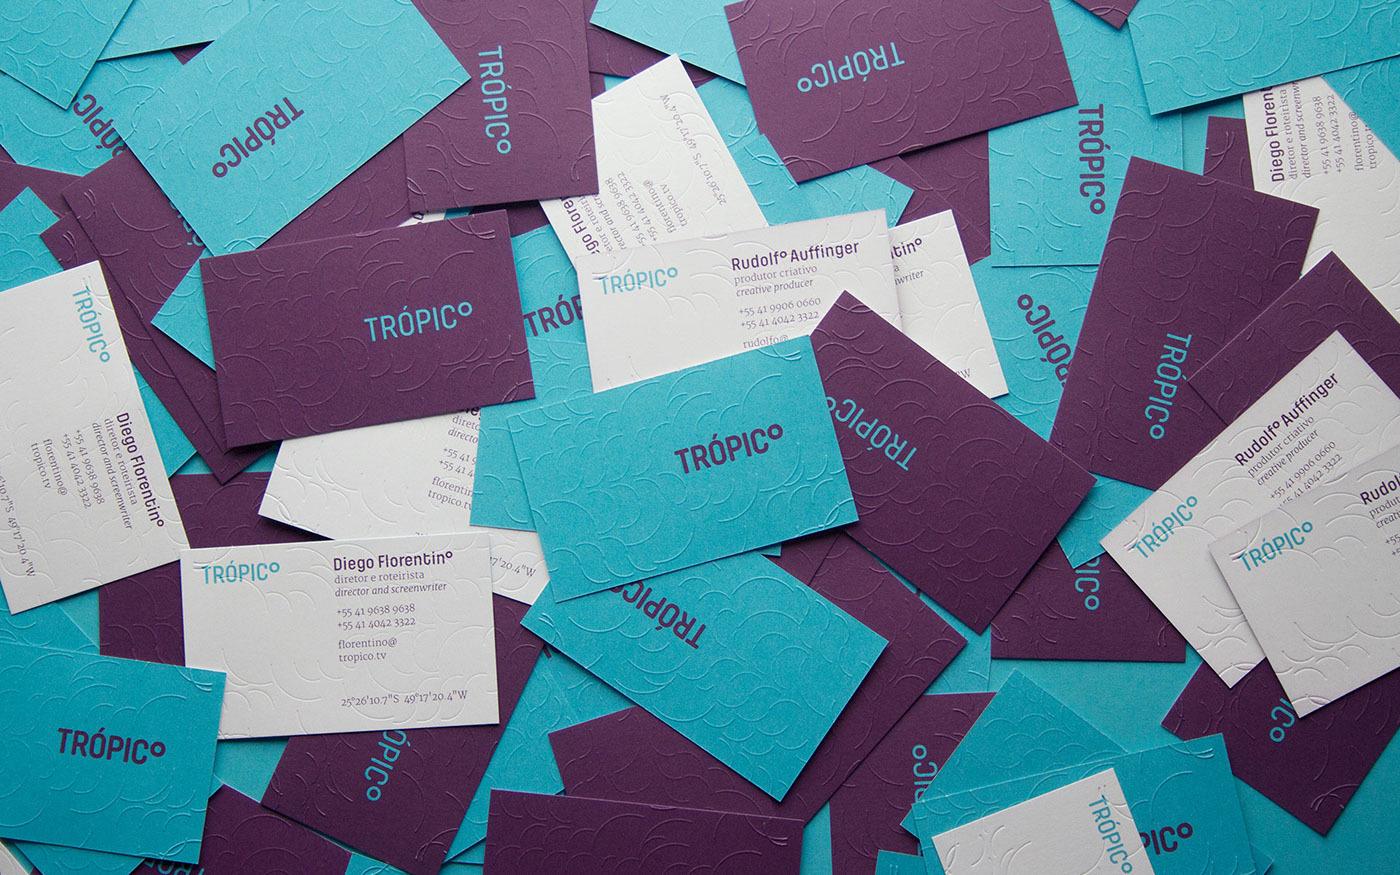 音像公司Trópico品牌设计 欣赏-第21张